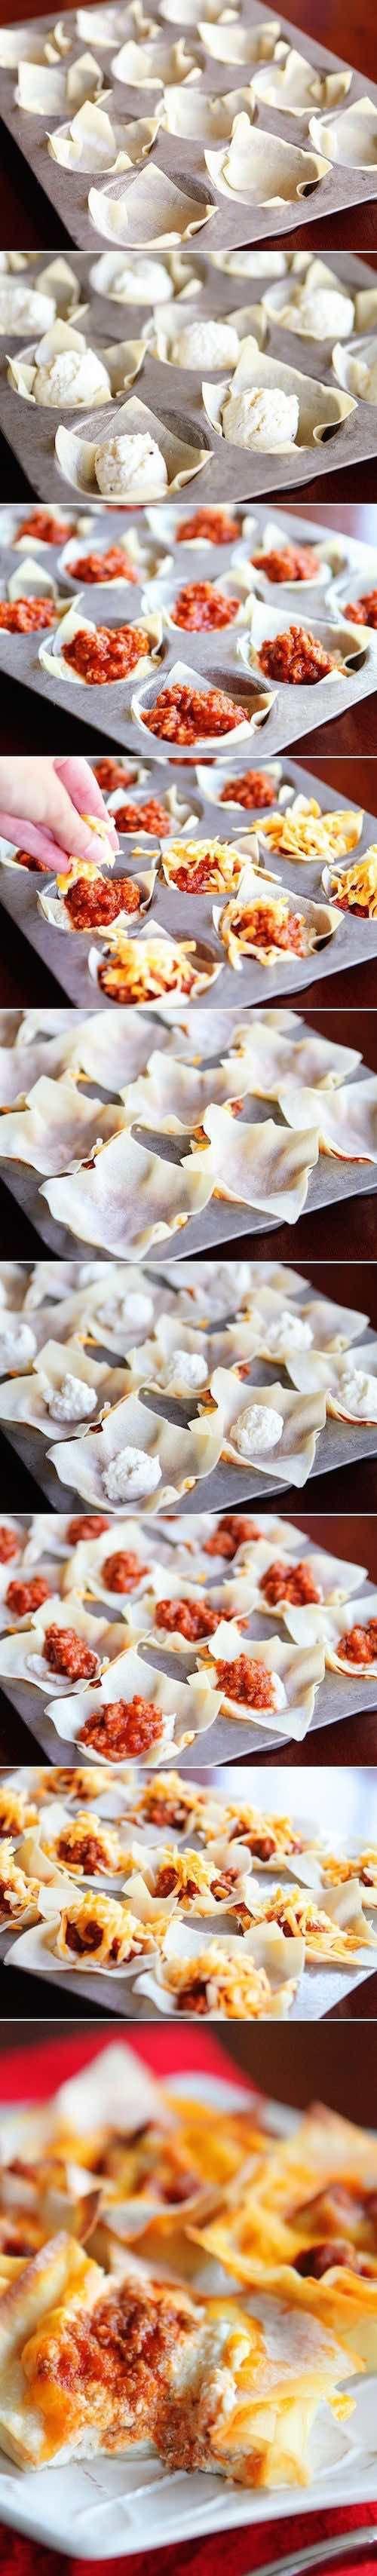 Receta de mini foods para bodas. Cómo hacer una mini lasagna. Ingredientes: bandeja para hacer muffins, envolturas de wonton, ricota, salsa de tomate y queso.